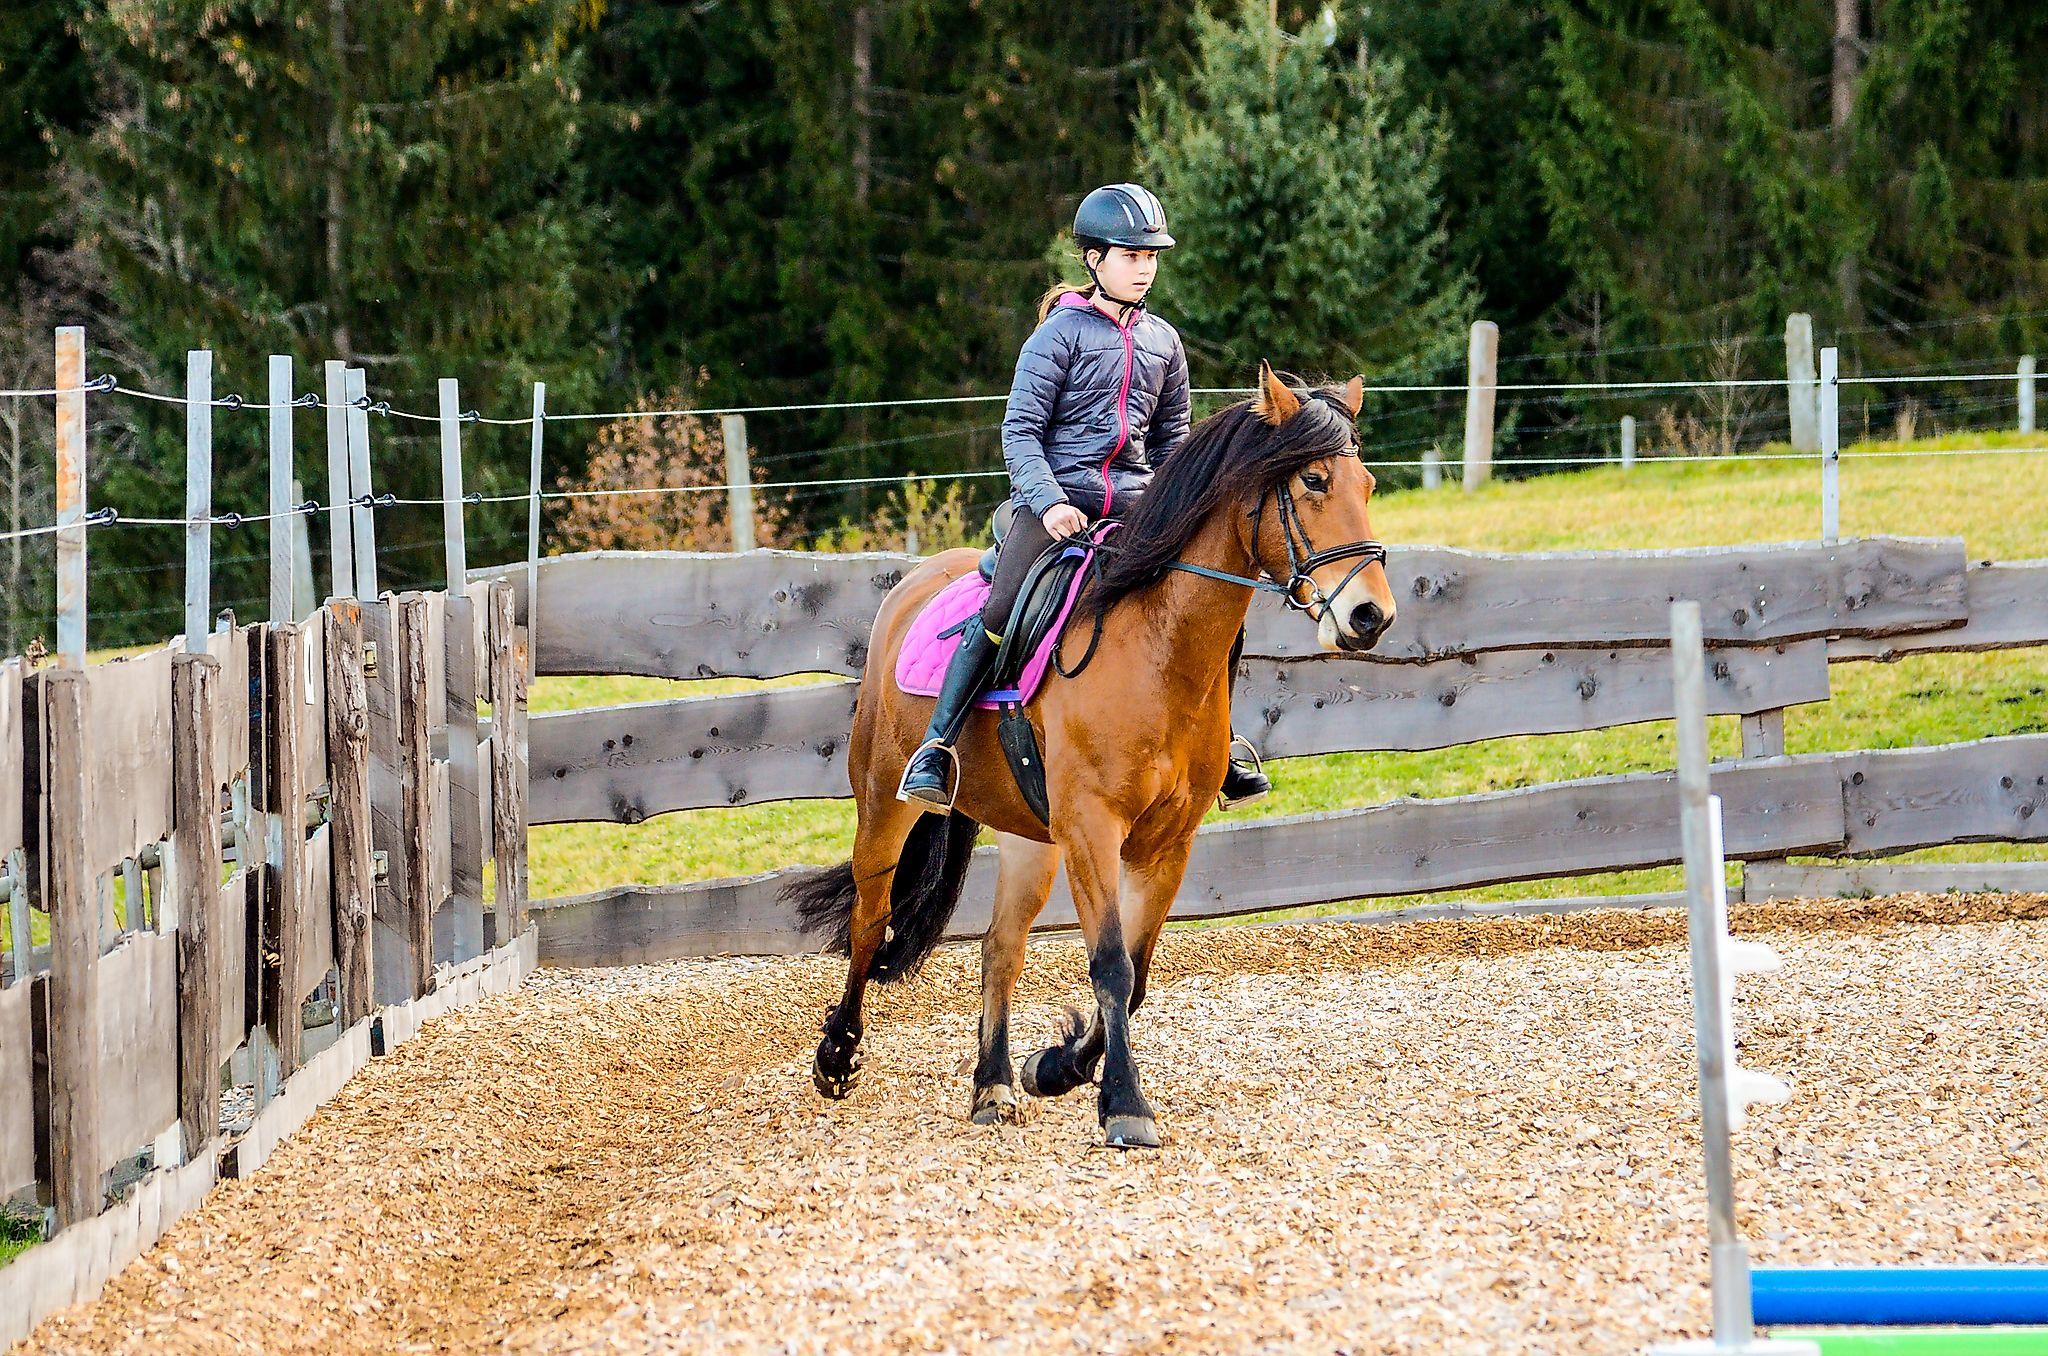 <p>Das Glück dieser Erde liegt auf dem Rücken der Pferde, denn Reiten ist etwas ganz Besonderes</p>